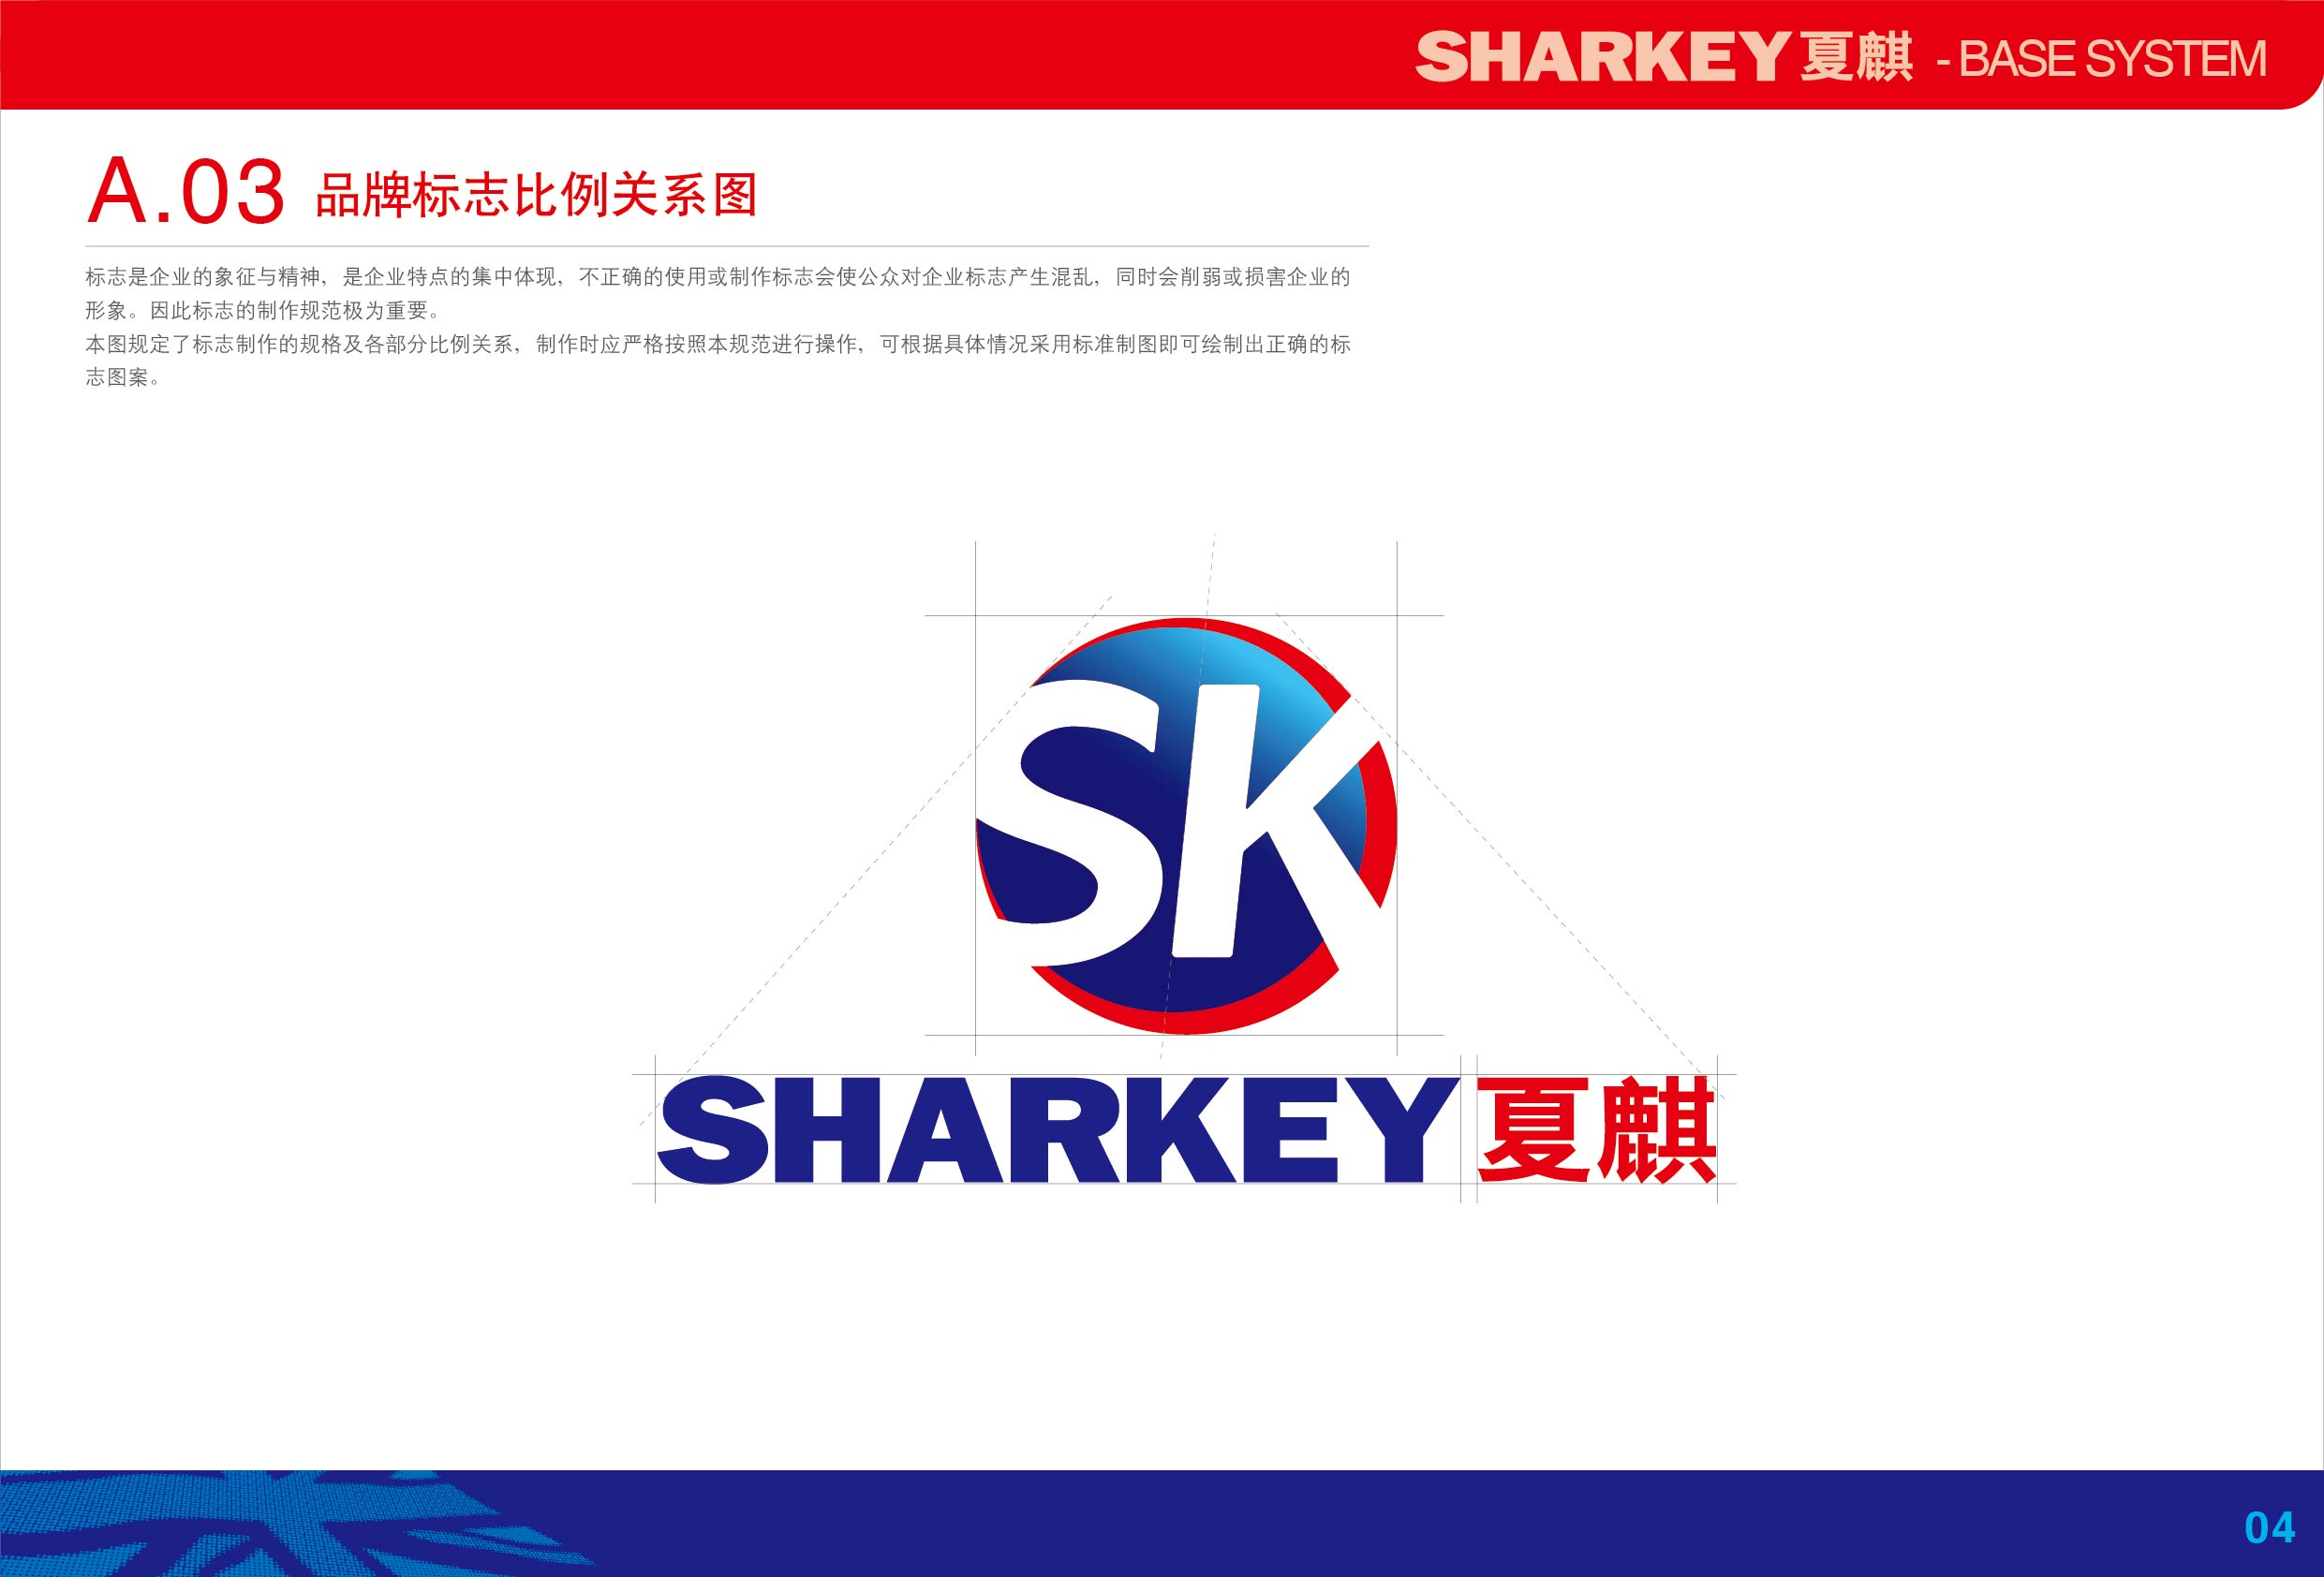 A夏麒logo-基础系统.aiA-04